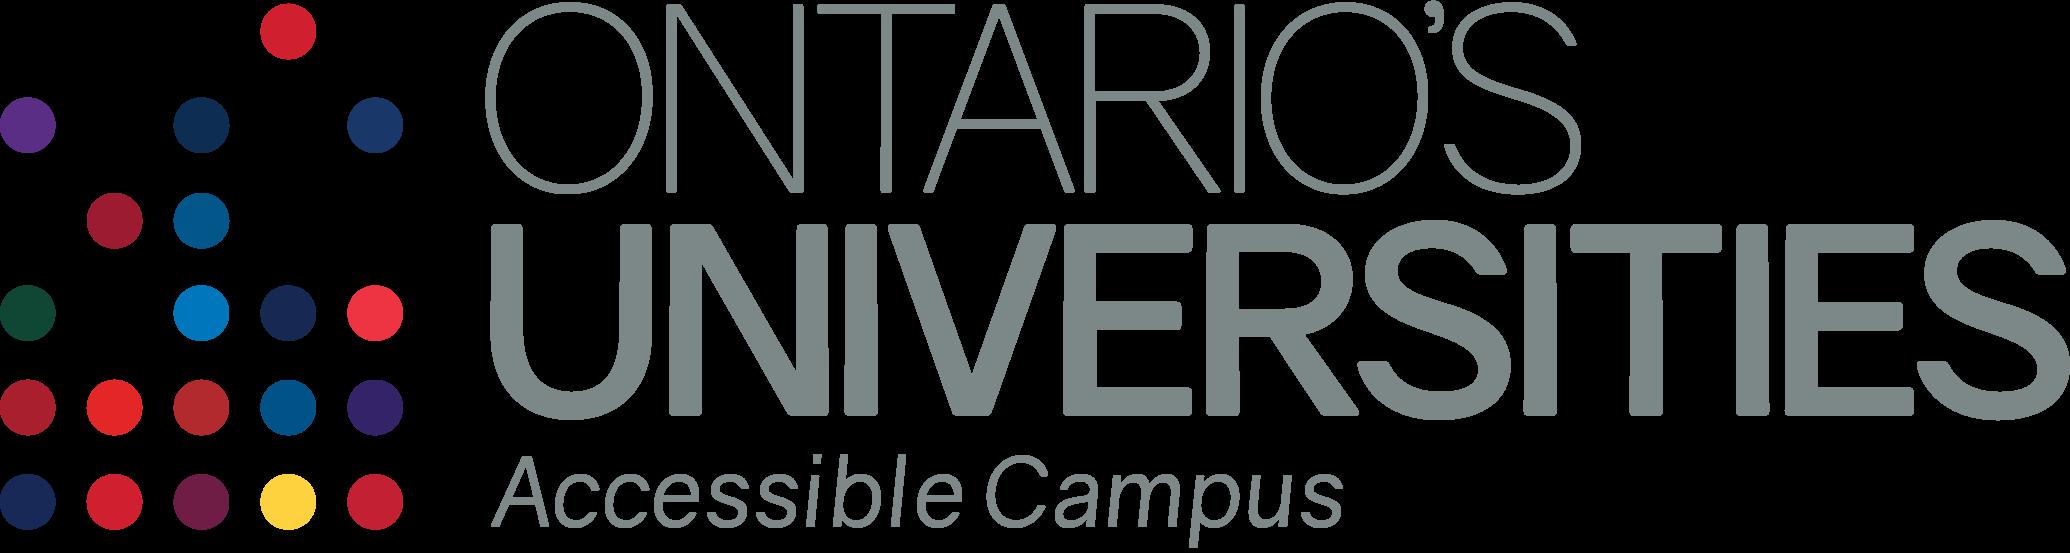 Accessible Campus